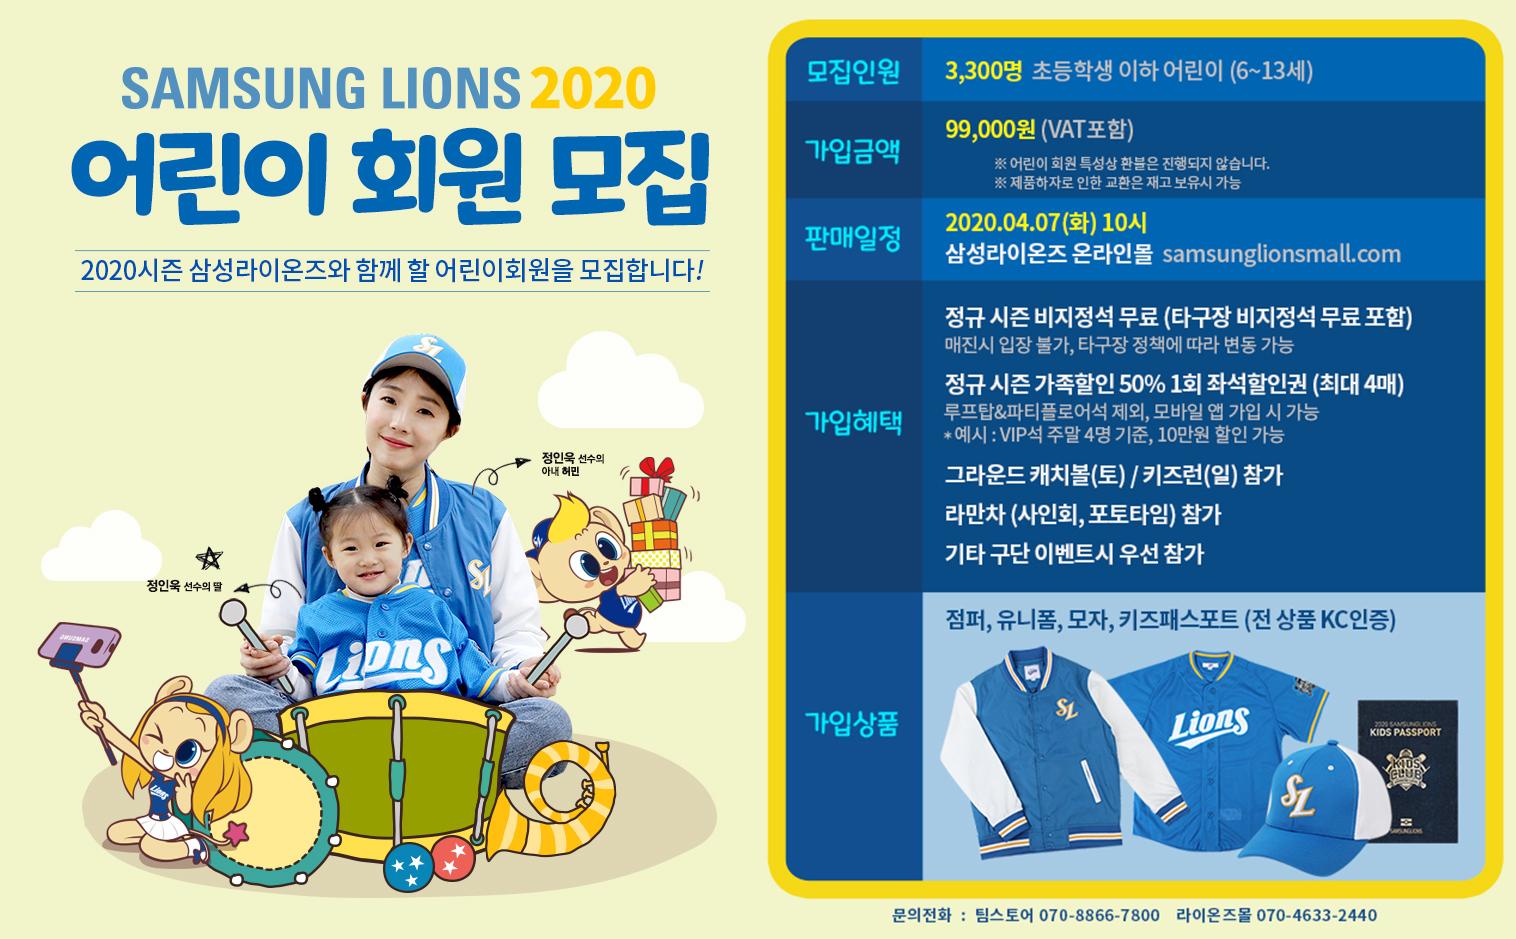 [이미지] 삼성라이온즈, 2020 어린이회원 모집.jpg